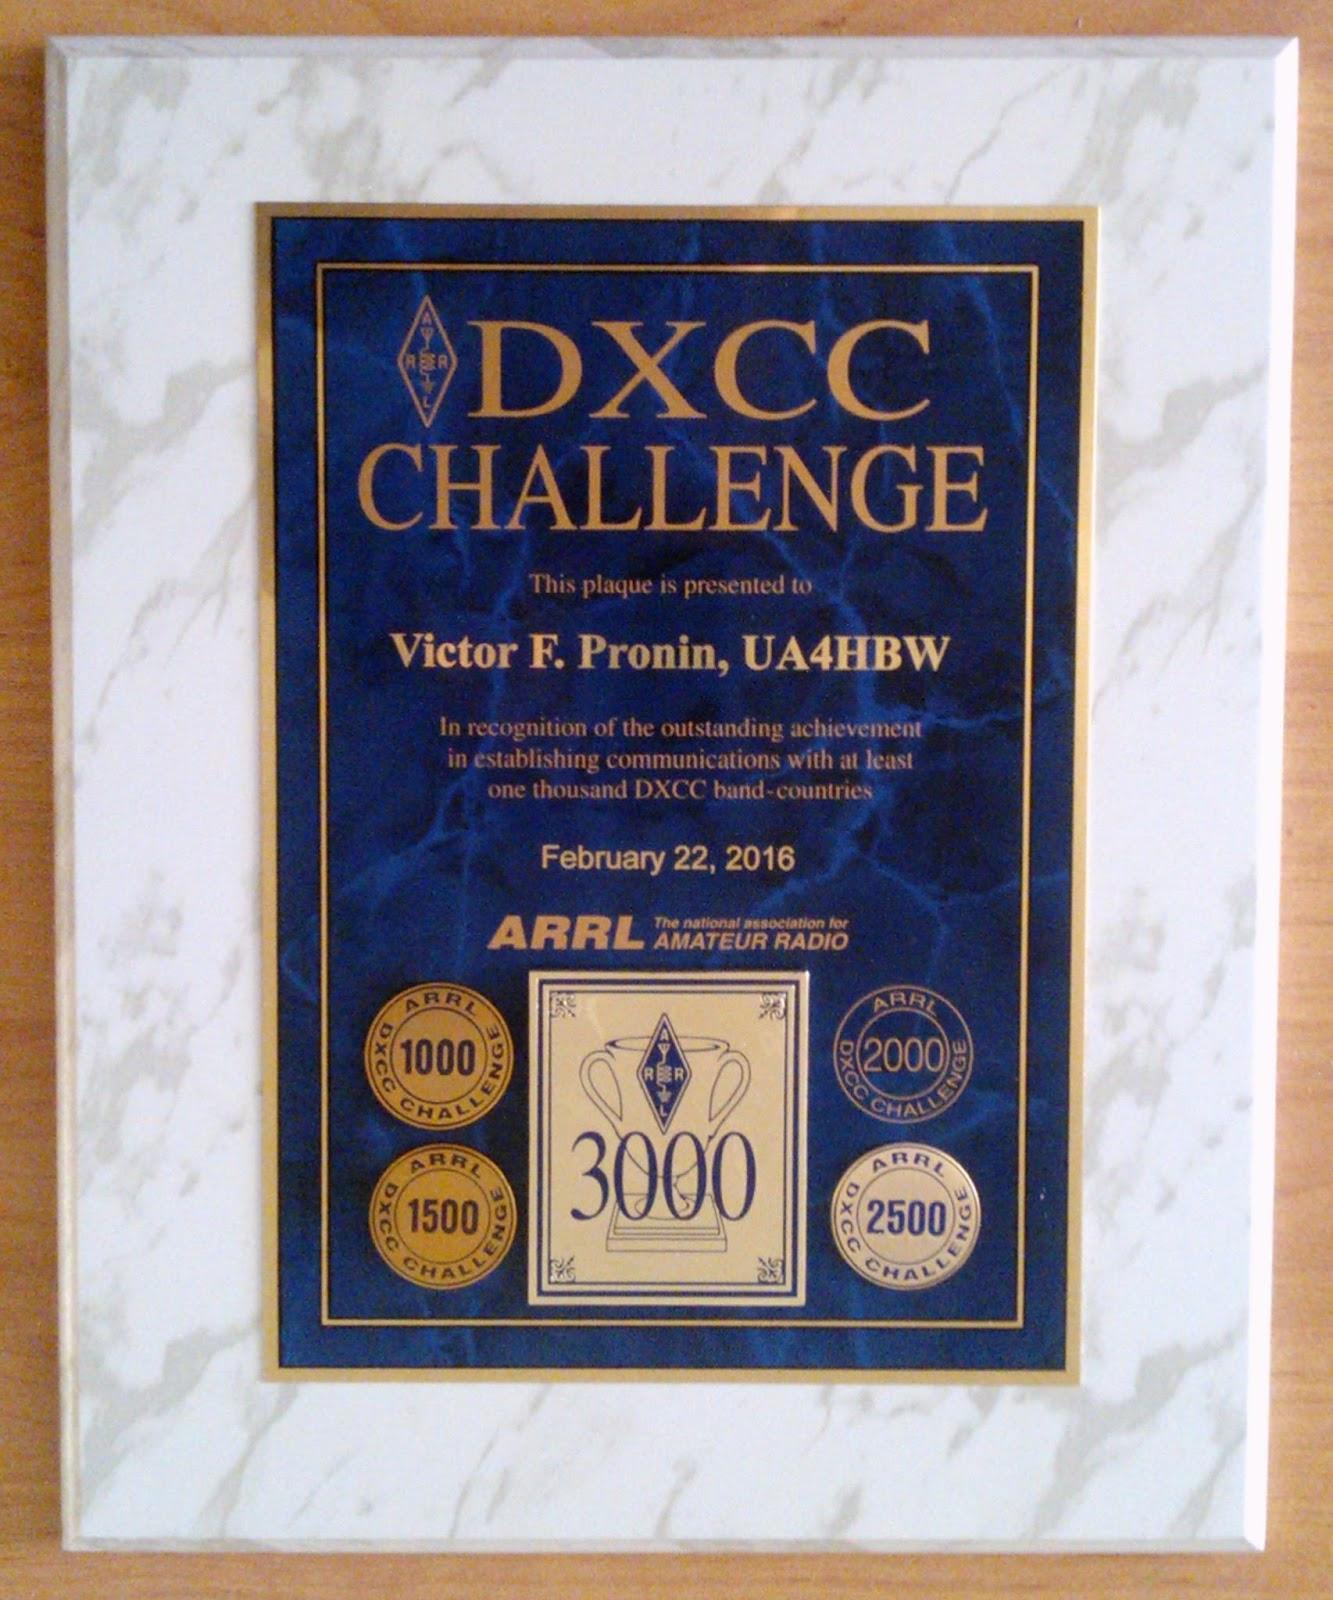 Нажмите на изображение для увеличения.  Название:challenge-3000.jpg Просмотров:14 Размер:291.3 Кб ID:188474